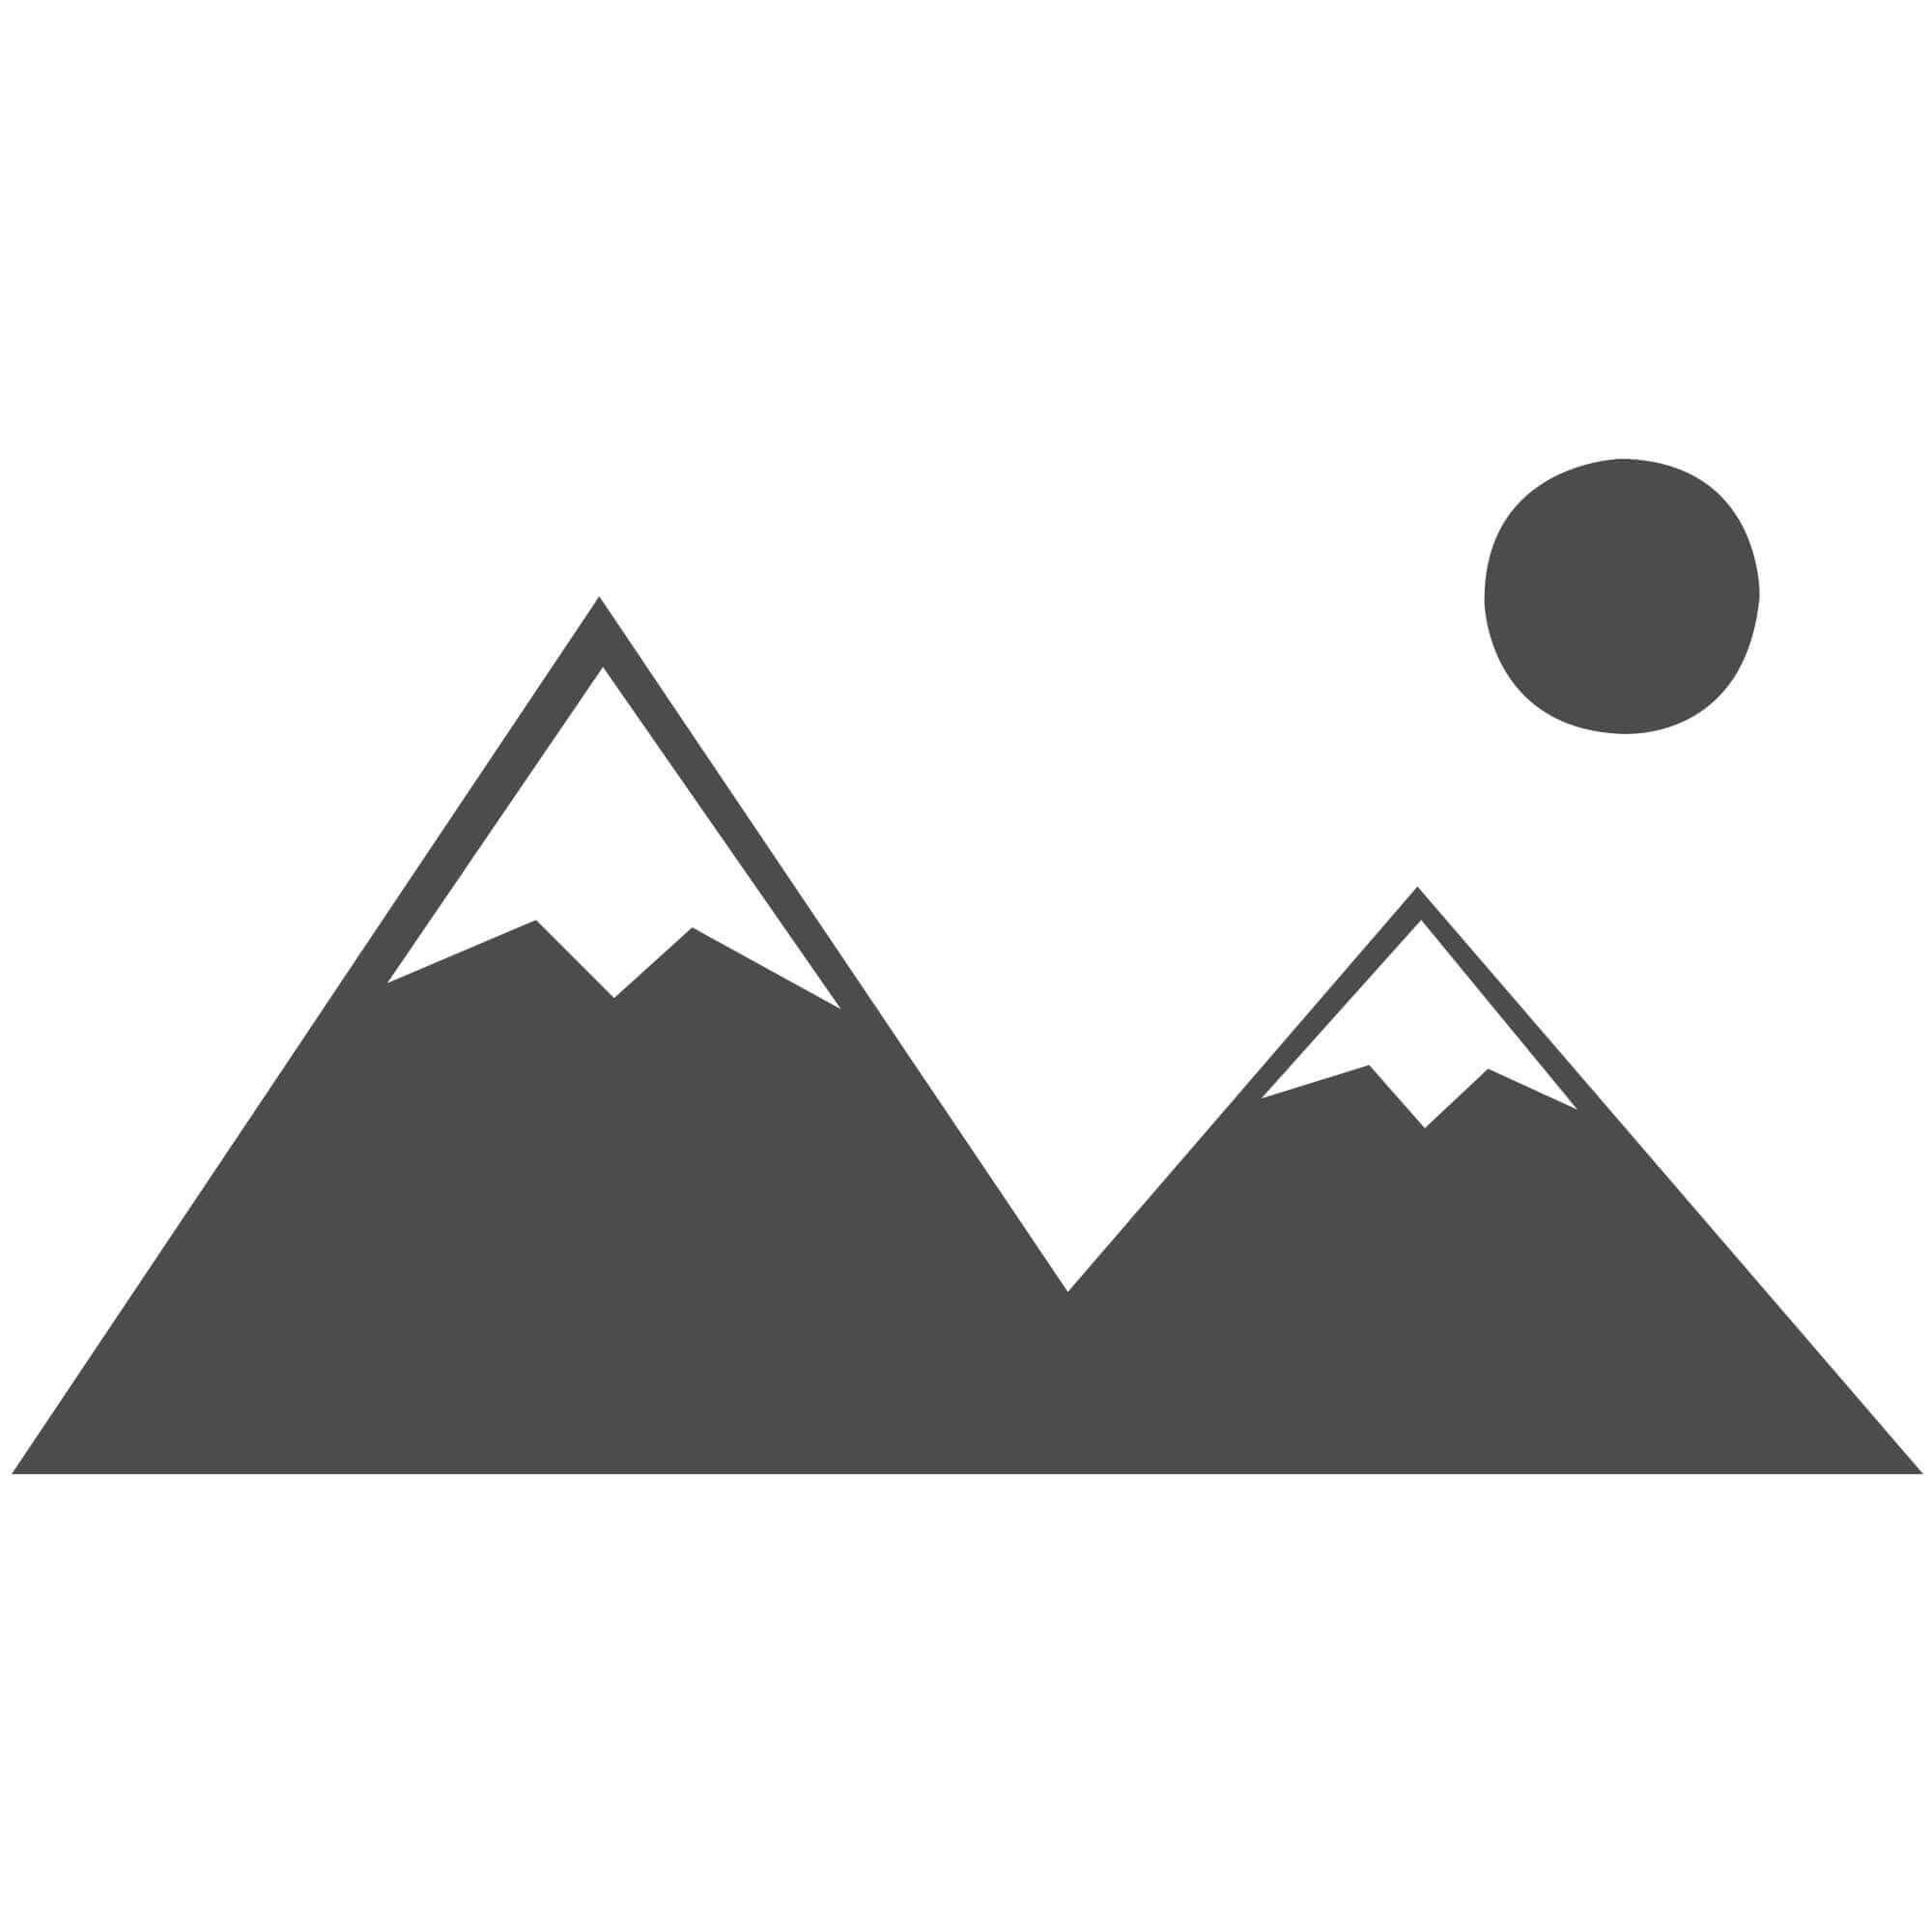 """Tuscany Sienna Rug - Light Grey - Size 80 x 150 cm (2'8"""" x 5')"""